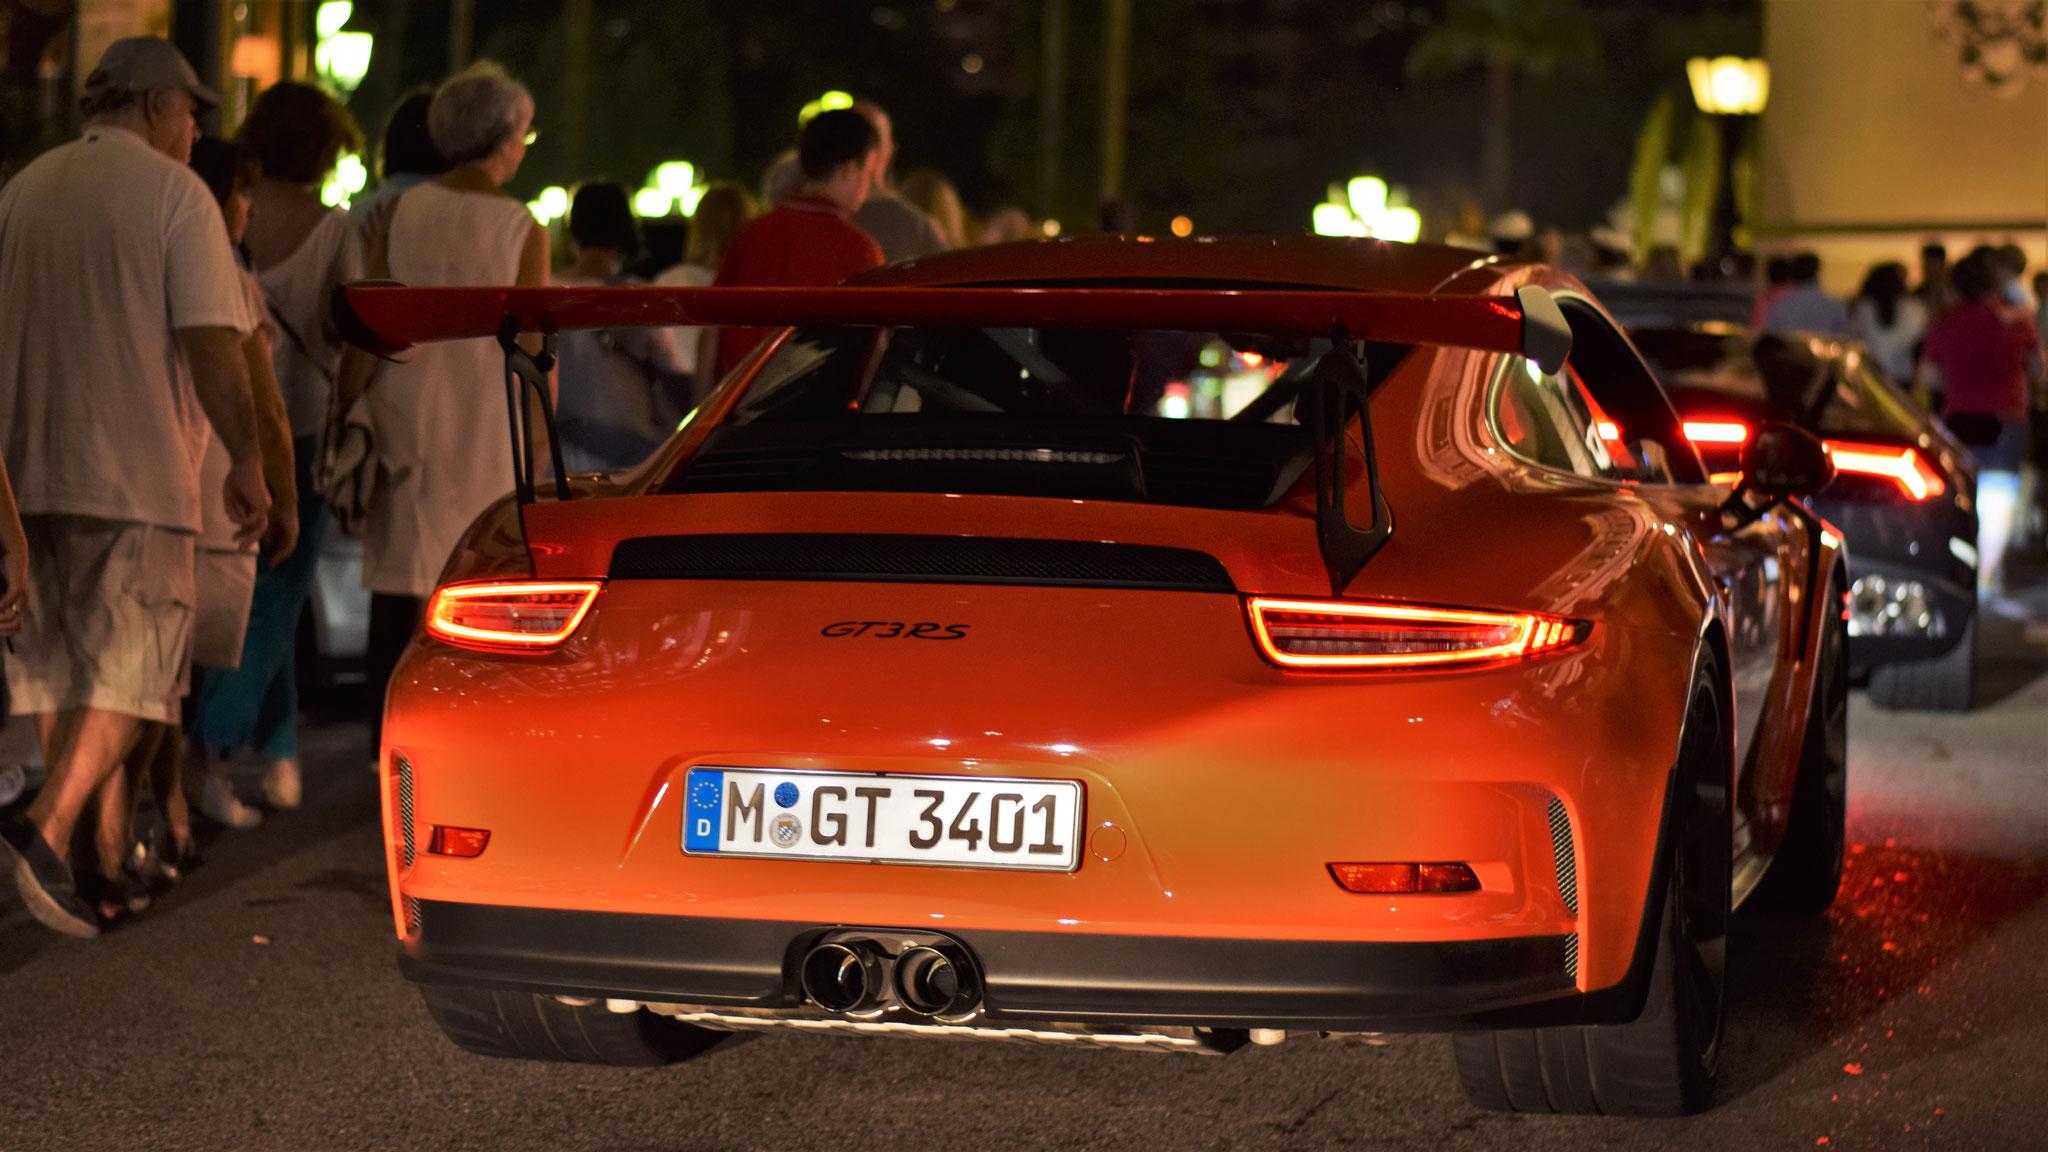 Porsche 911 GT3 RS - M-GT-3401